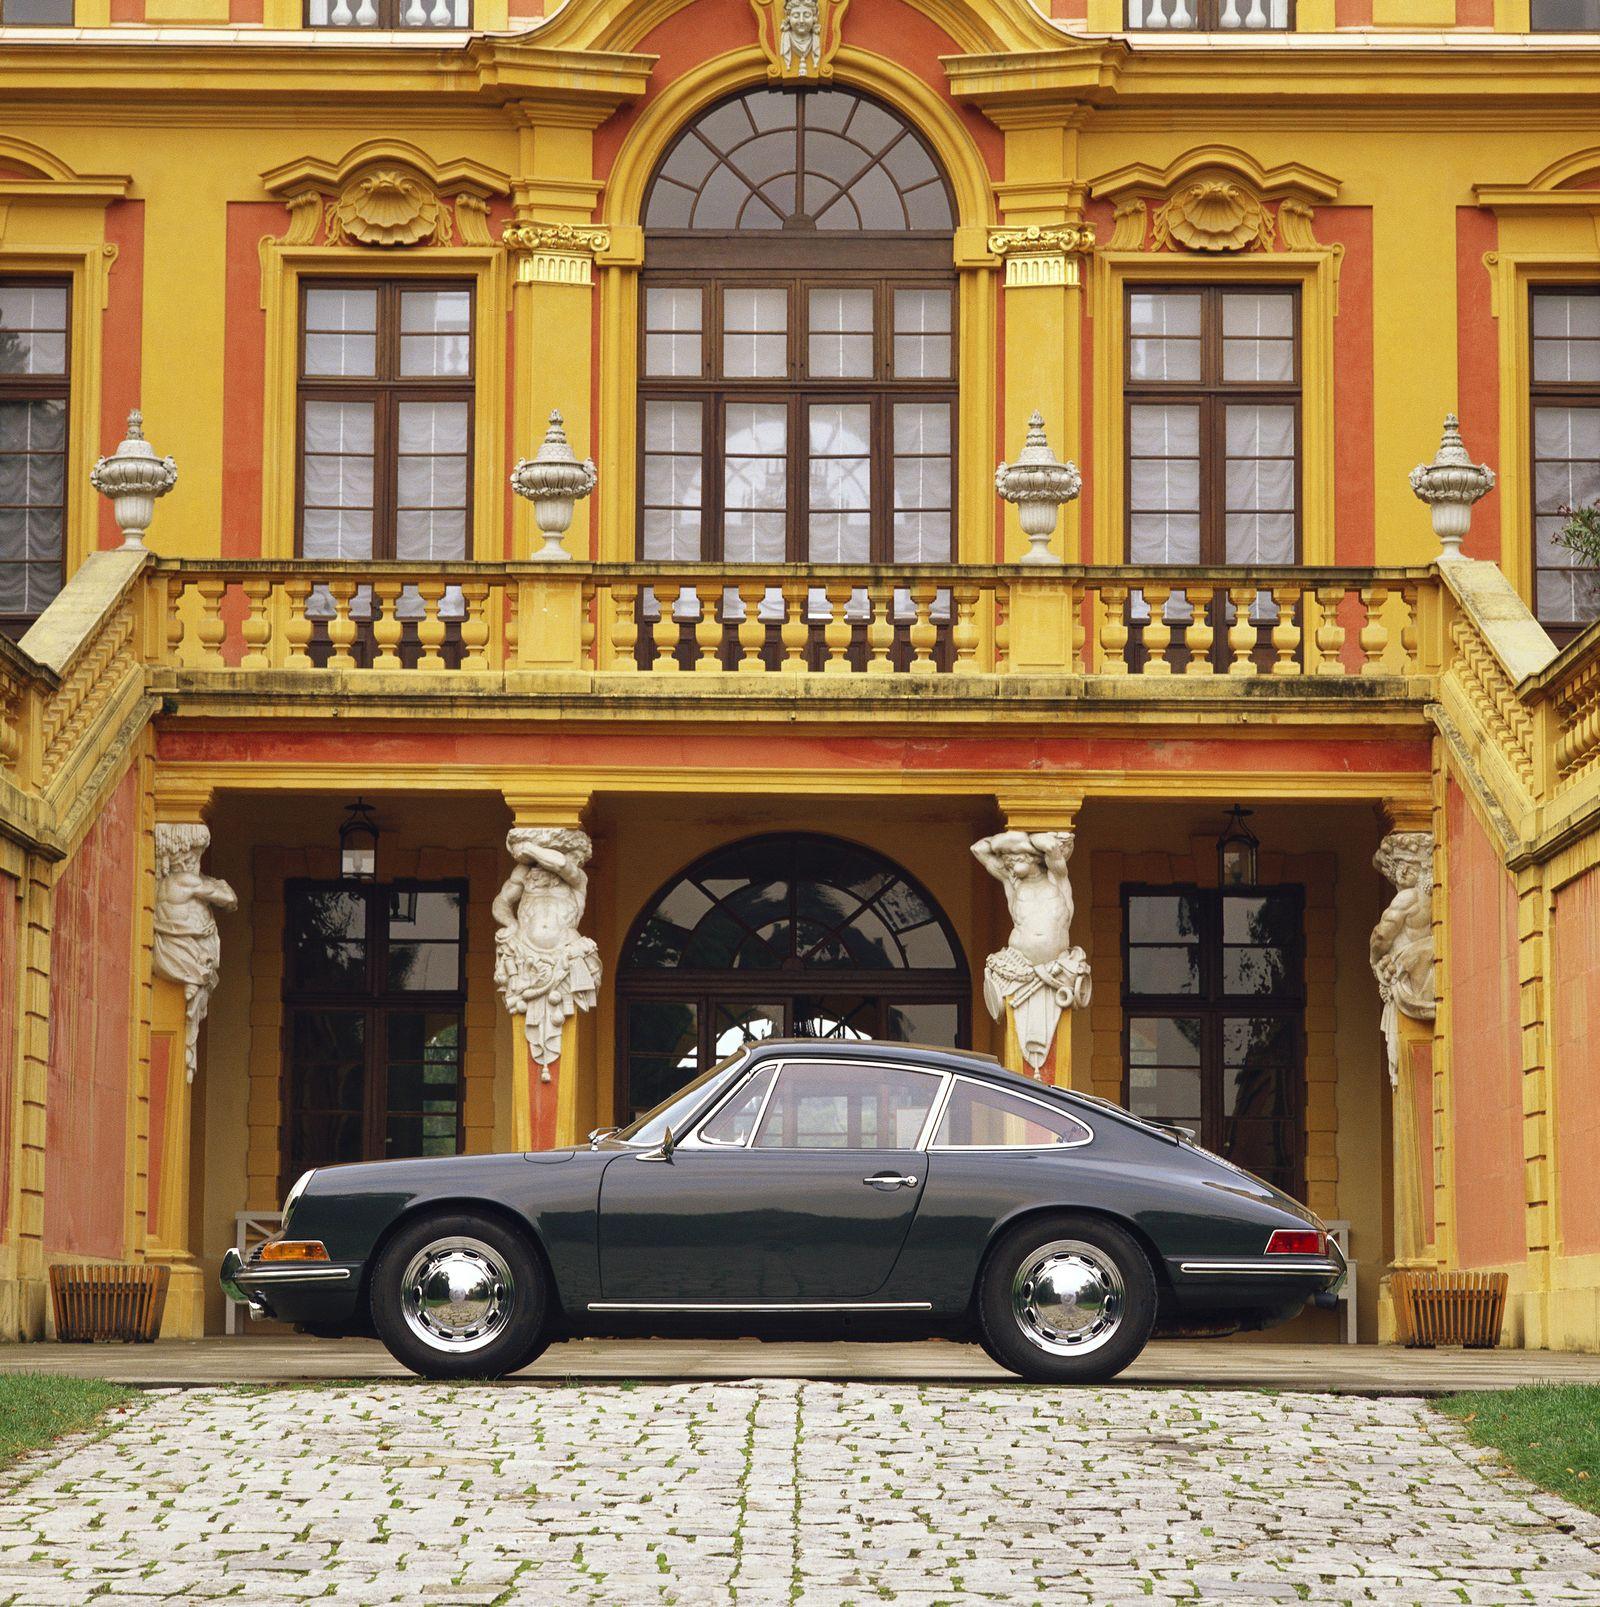 NICHT MEHR VERWENDEN! - Schloss / Luxus / Porsche